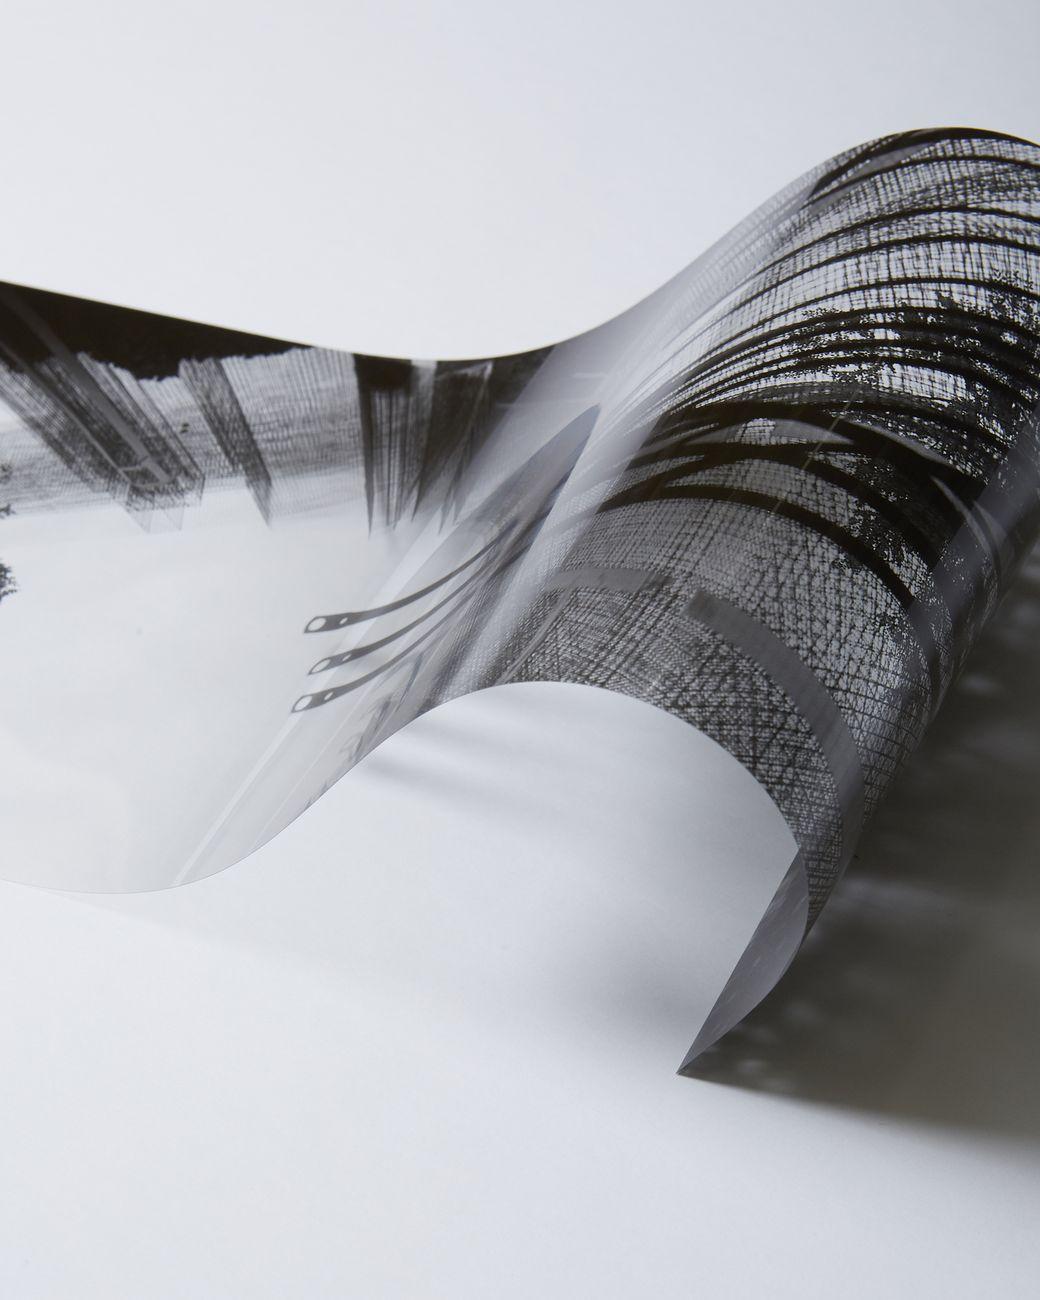 Edoardo Tresoldi, Il Paesaggio Costruito, artbook © Mattia Greghi